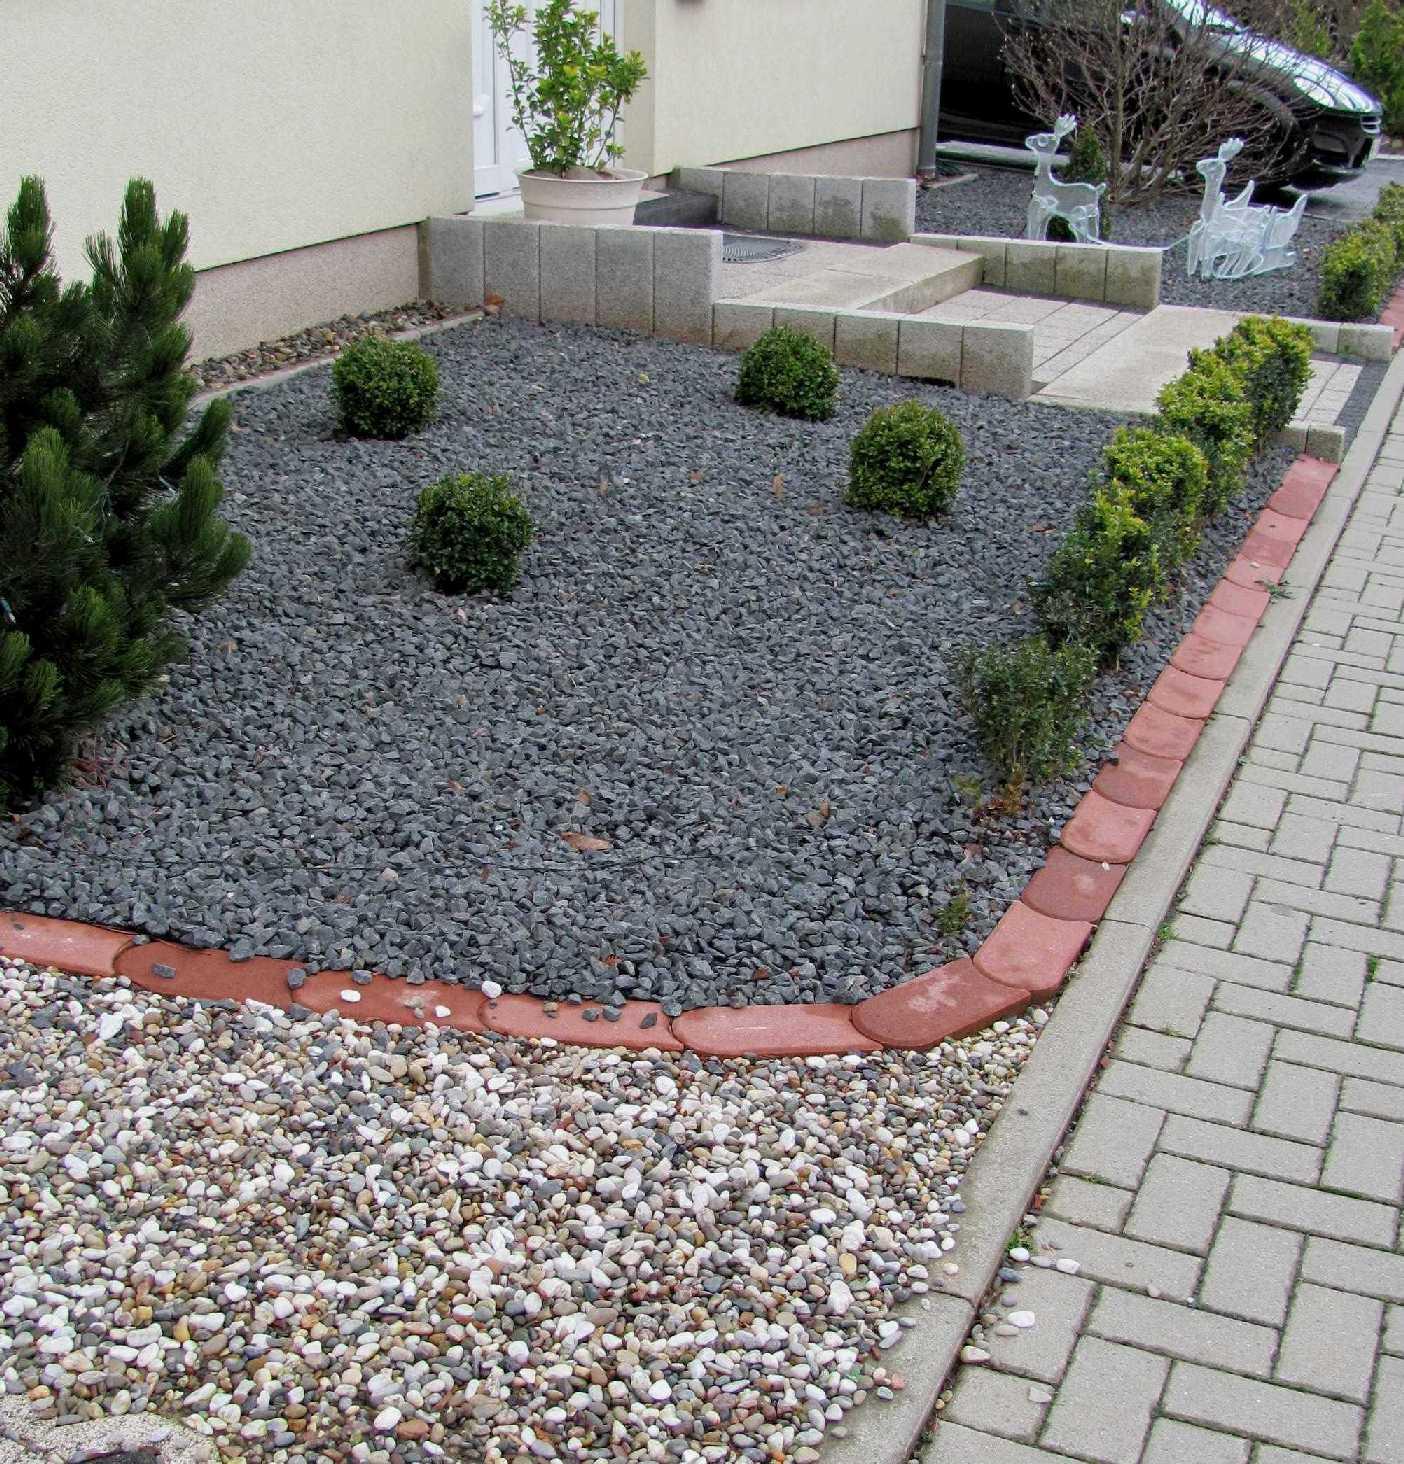 Luxus Vorgarten Mit Kies Gestalten Bilder Design